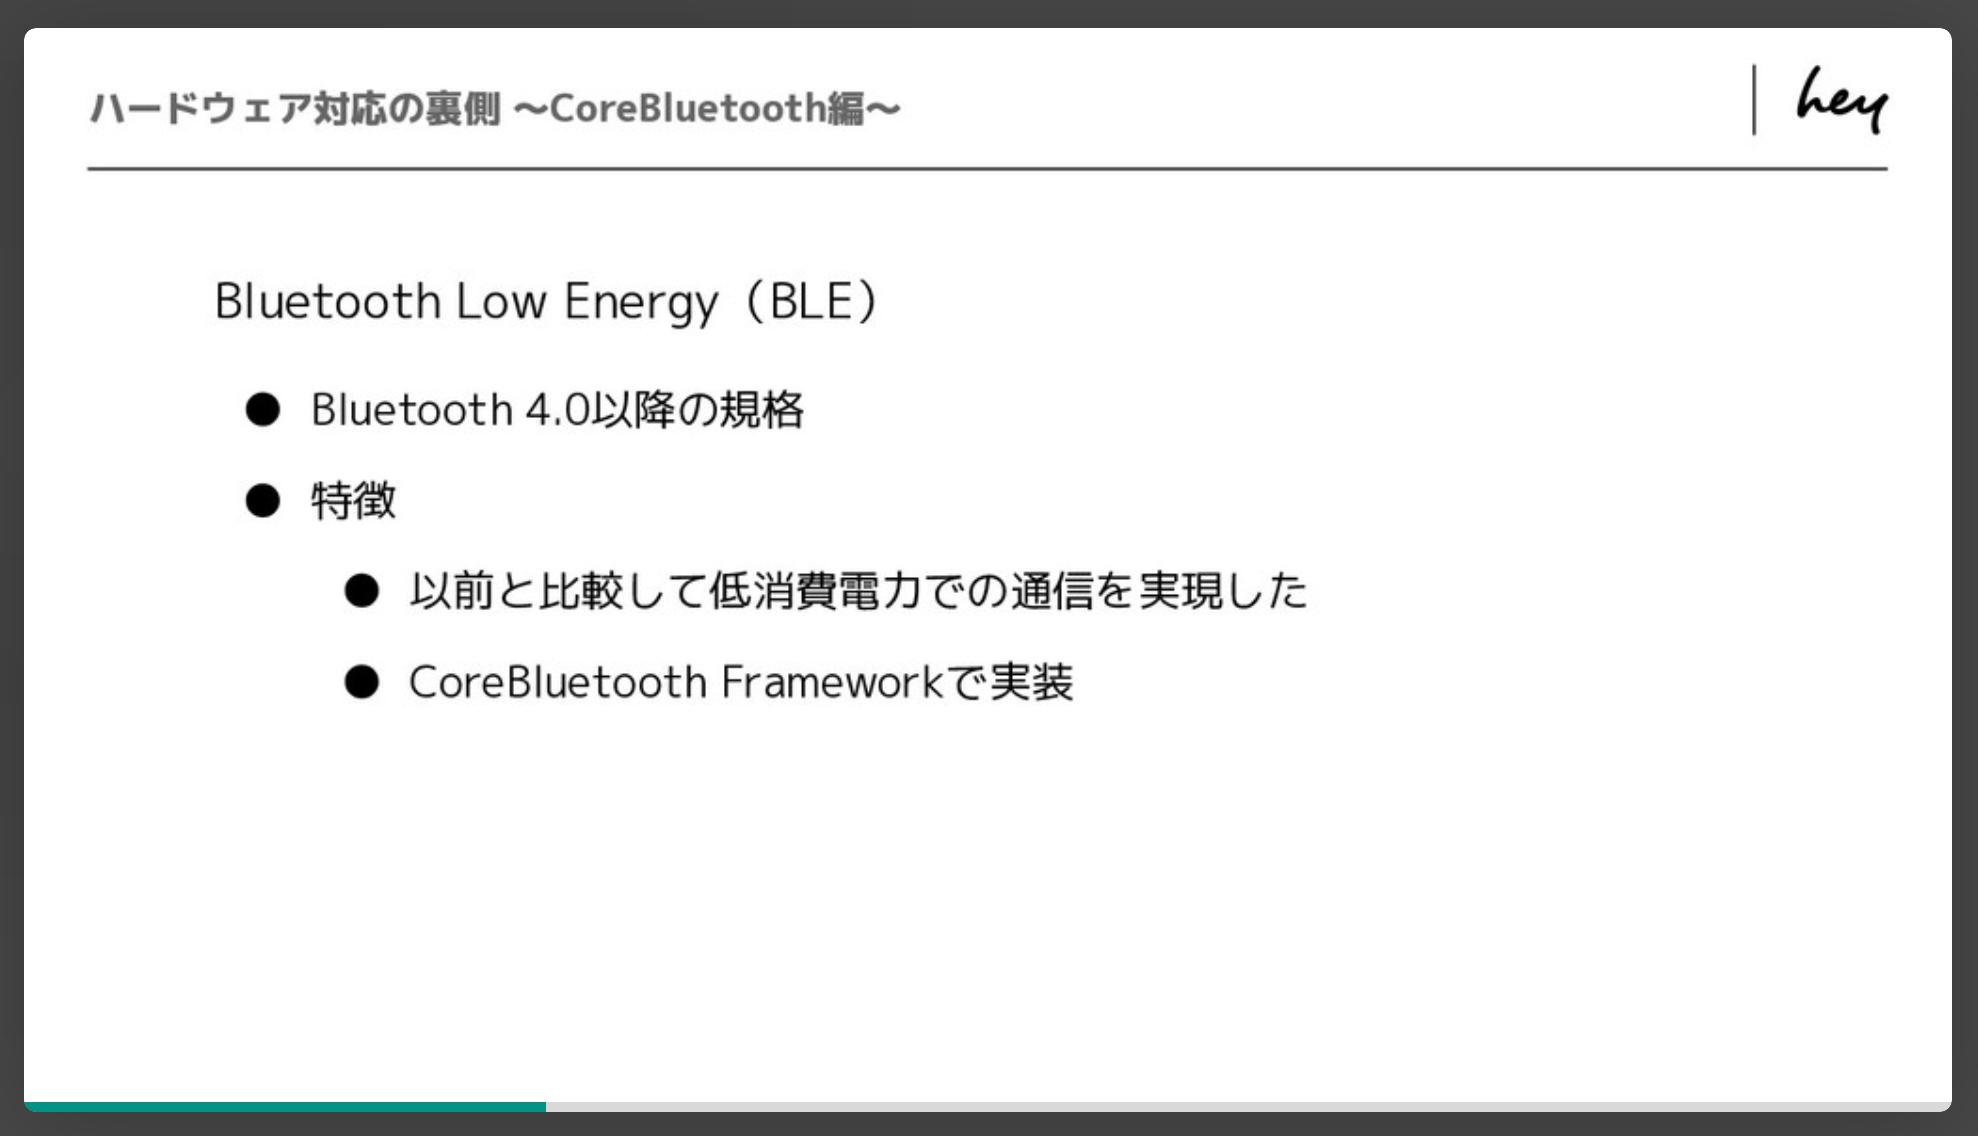 スクリーンショット 2021-09-18 14.08.33.png